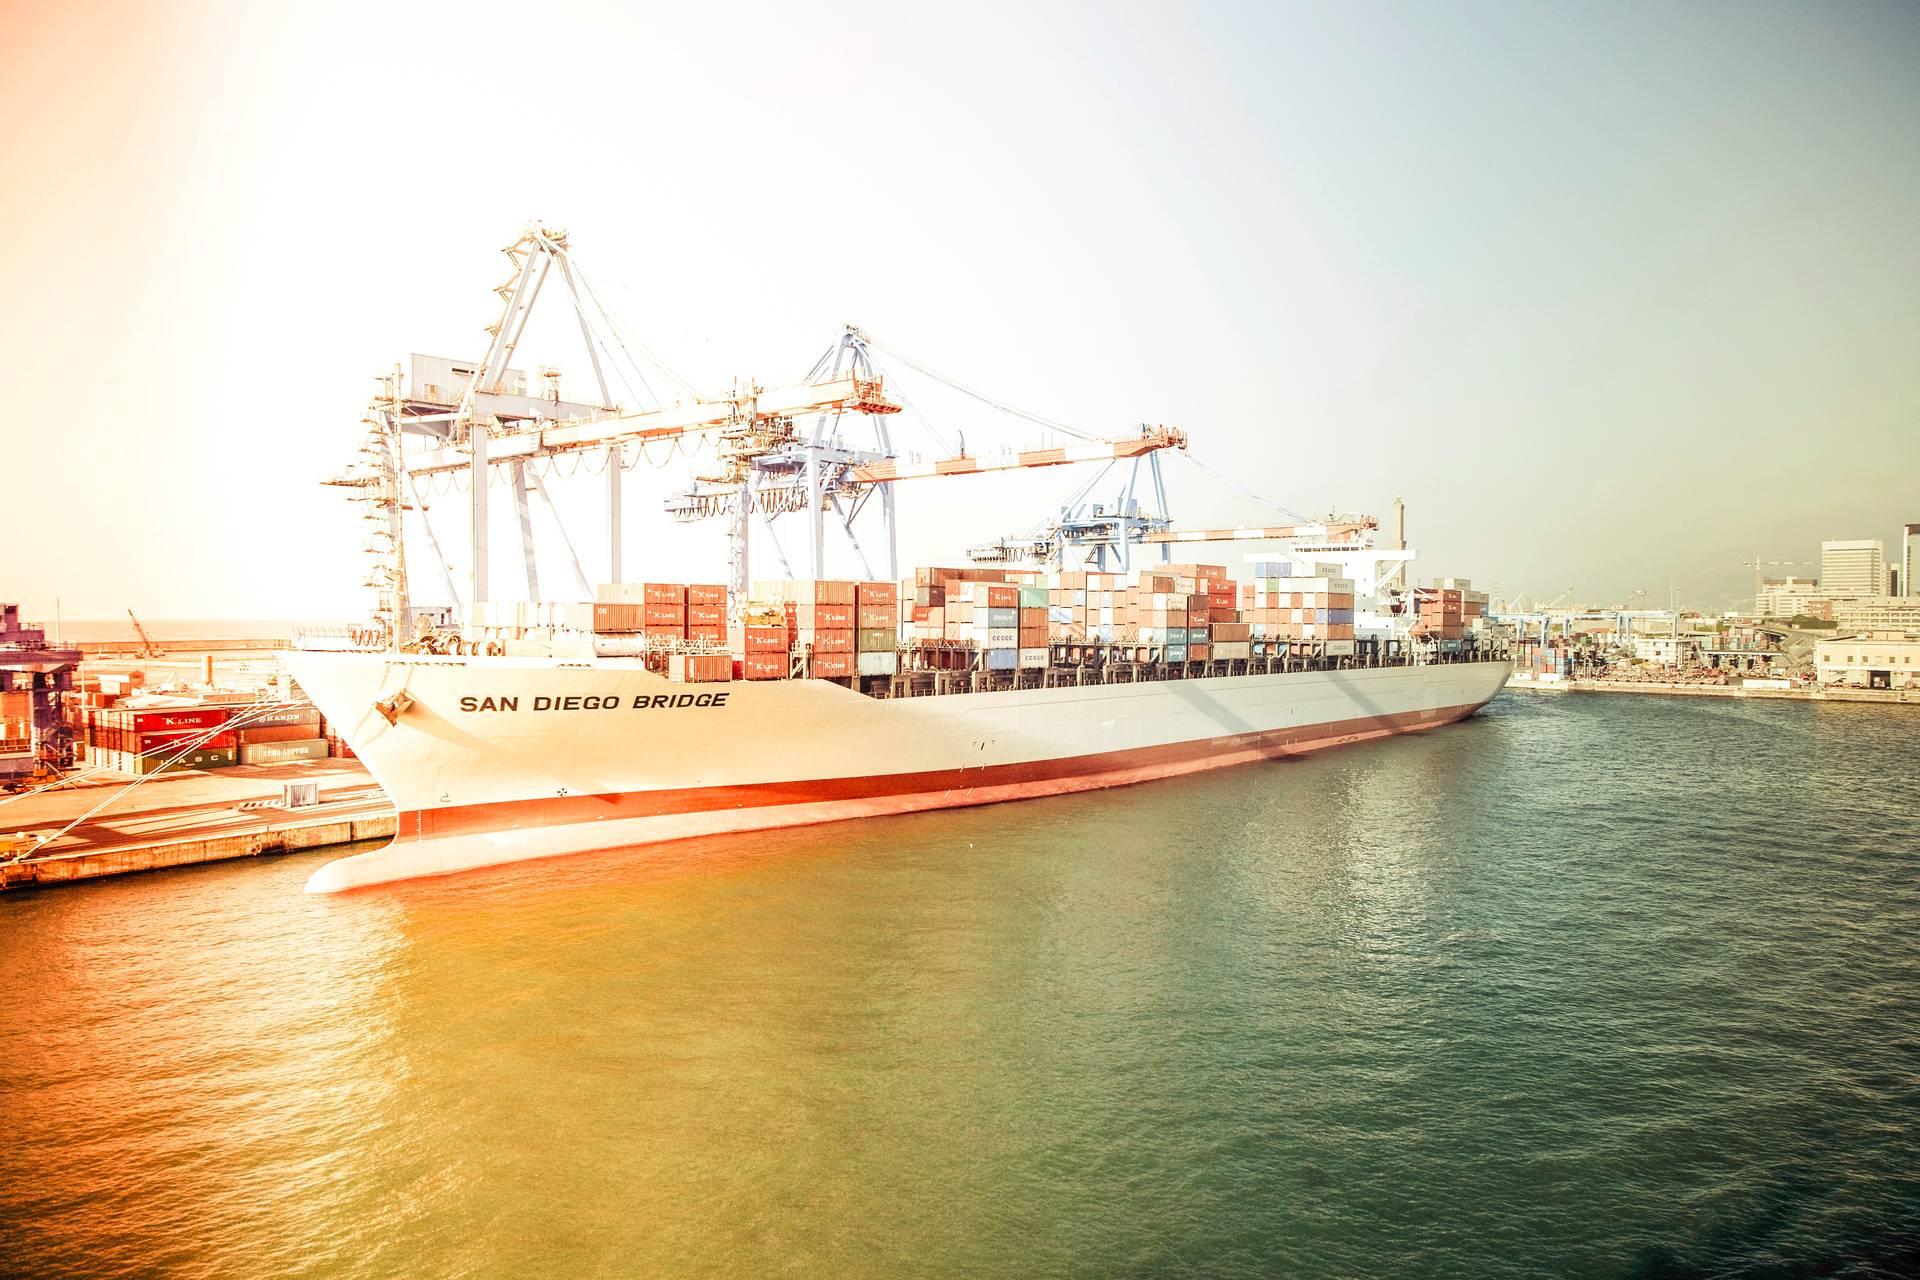 Ασφάλεια Μεταφερόμενων Αγαθών και Εμπορευμάτων